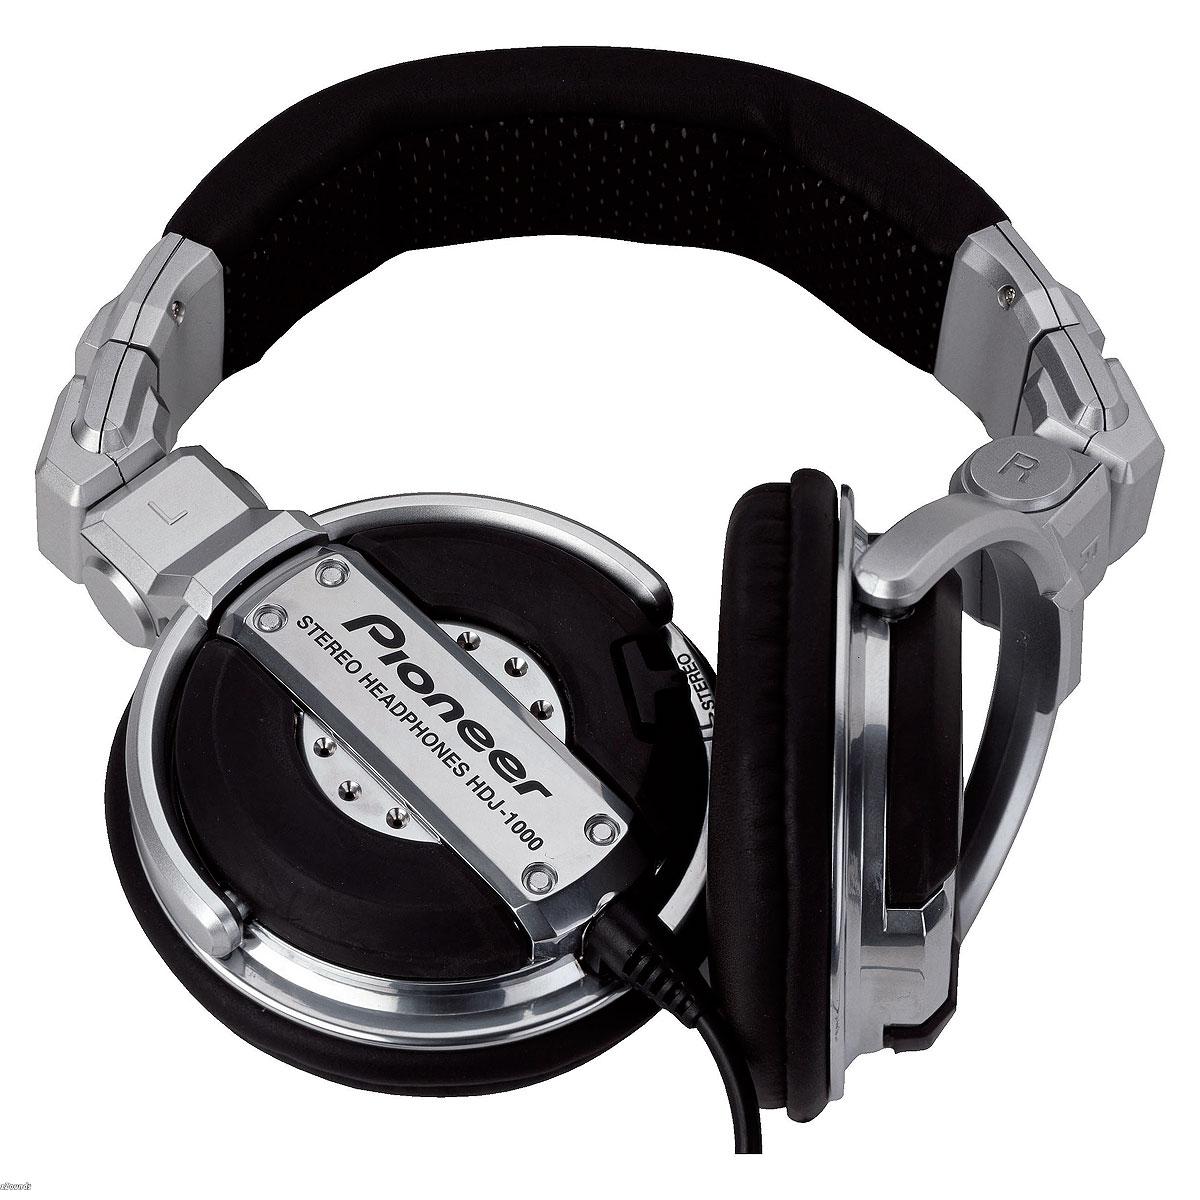 HDJ1000 - Fone de Ouvido Over-ear HDJ 1000 - Pioneer